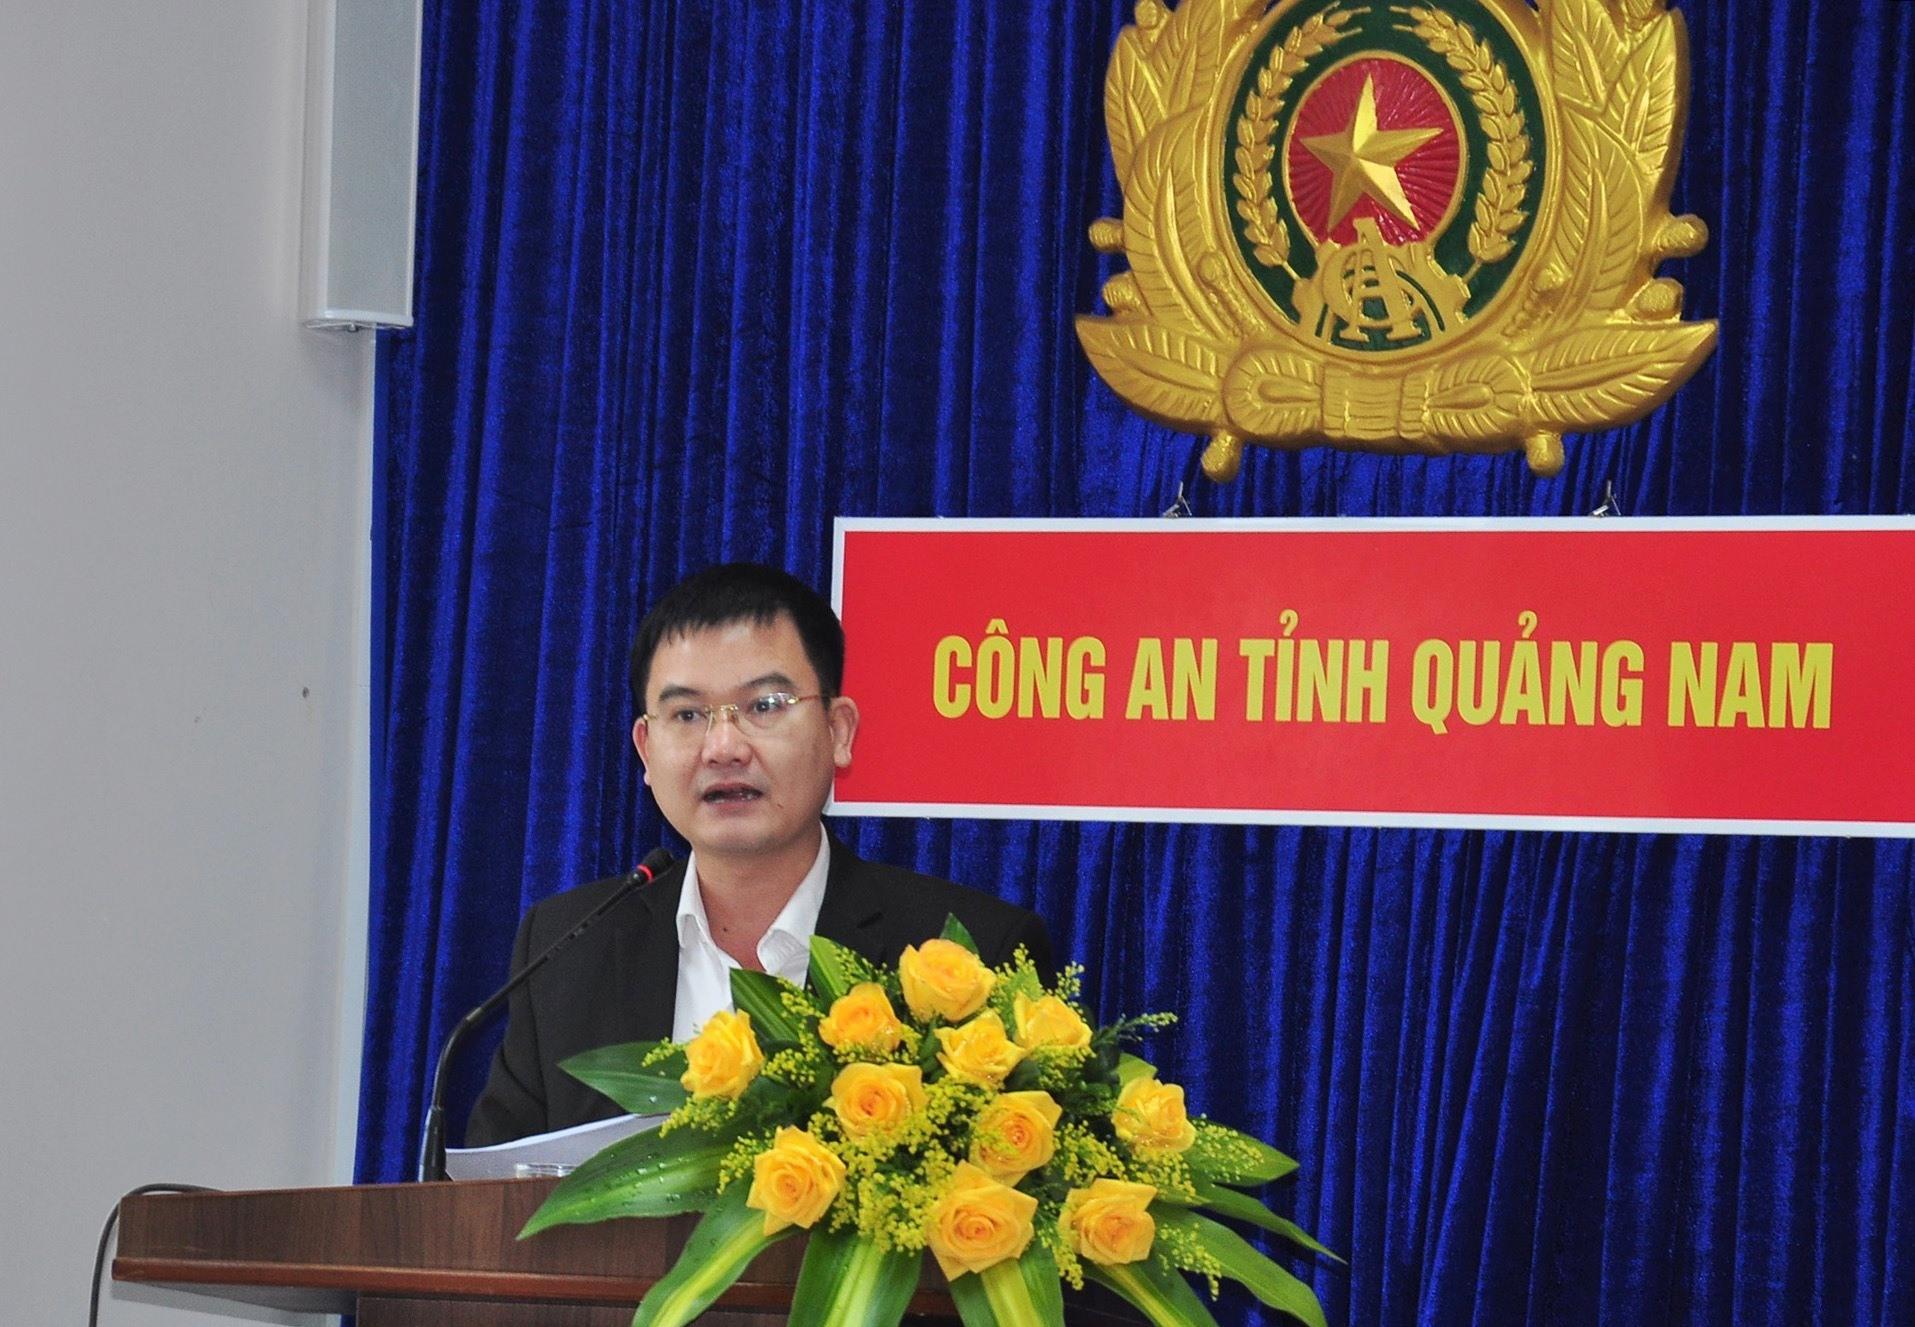 Đại diện Trường Chính trị tỉnh trình bày tham luận tại diễn đàn. Ảnh: V.ANH